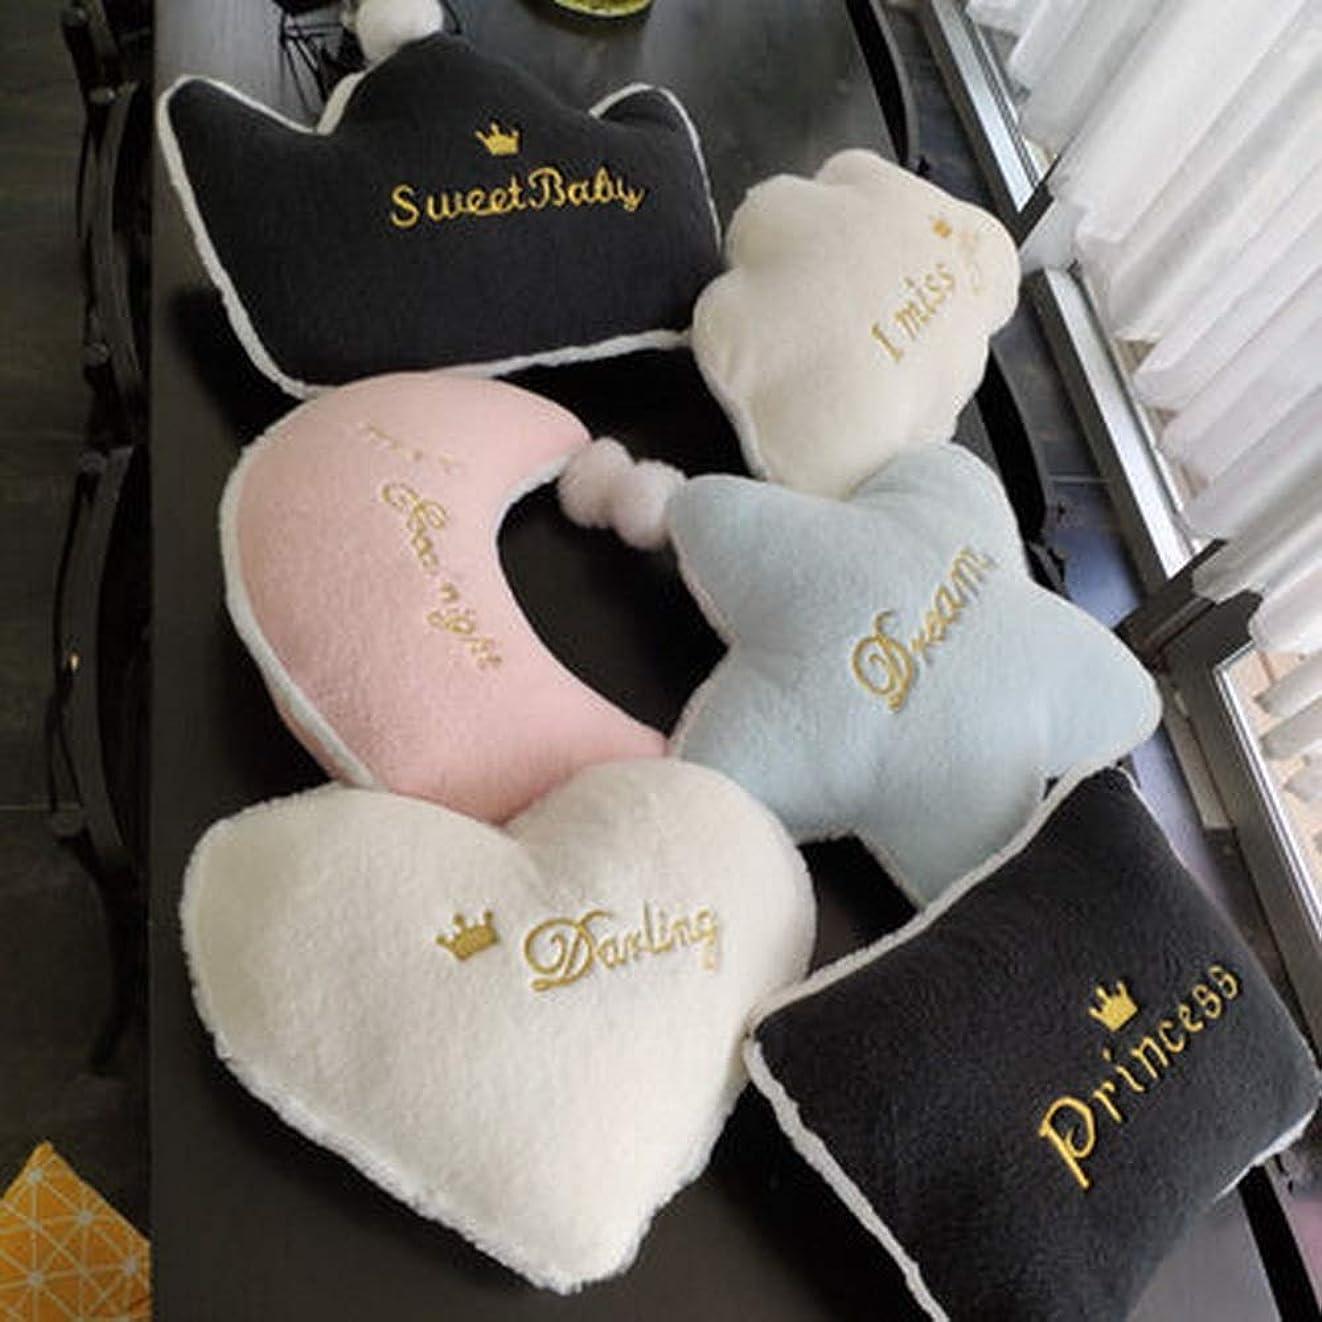 イサカ一方、キャンプスターハートクラウンクラウドスローピロークッション、子供部屋の装飾、北欧の家の装飾枕ヘッドレスト、クッションチェアソファウエストネック枕 (Color : ピンク, Size : Crown56x36cm)